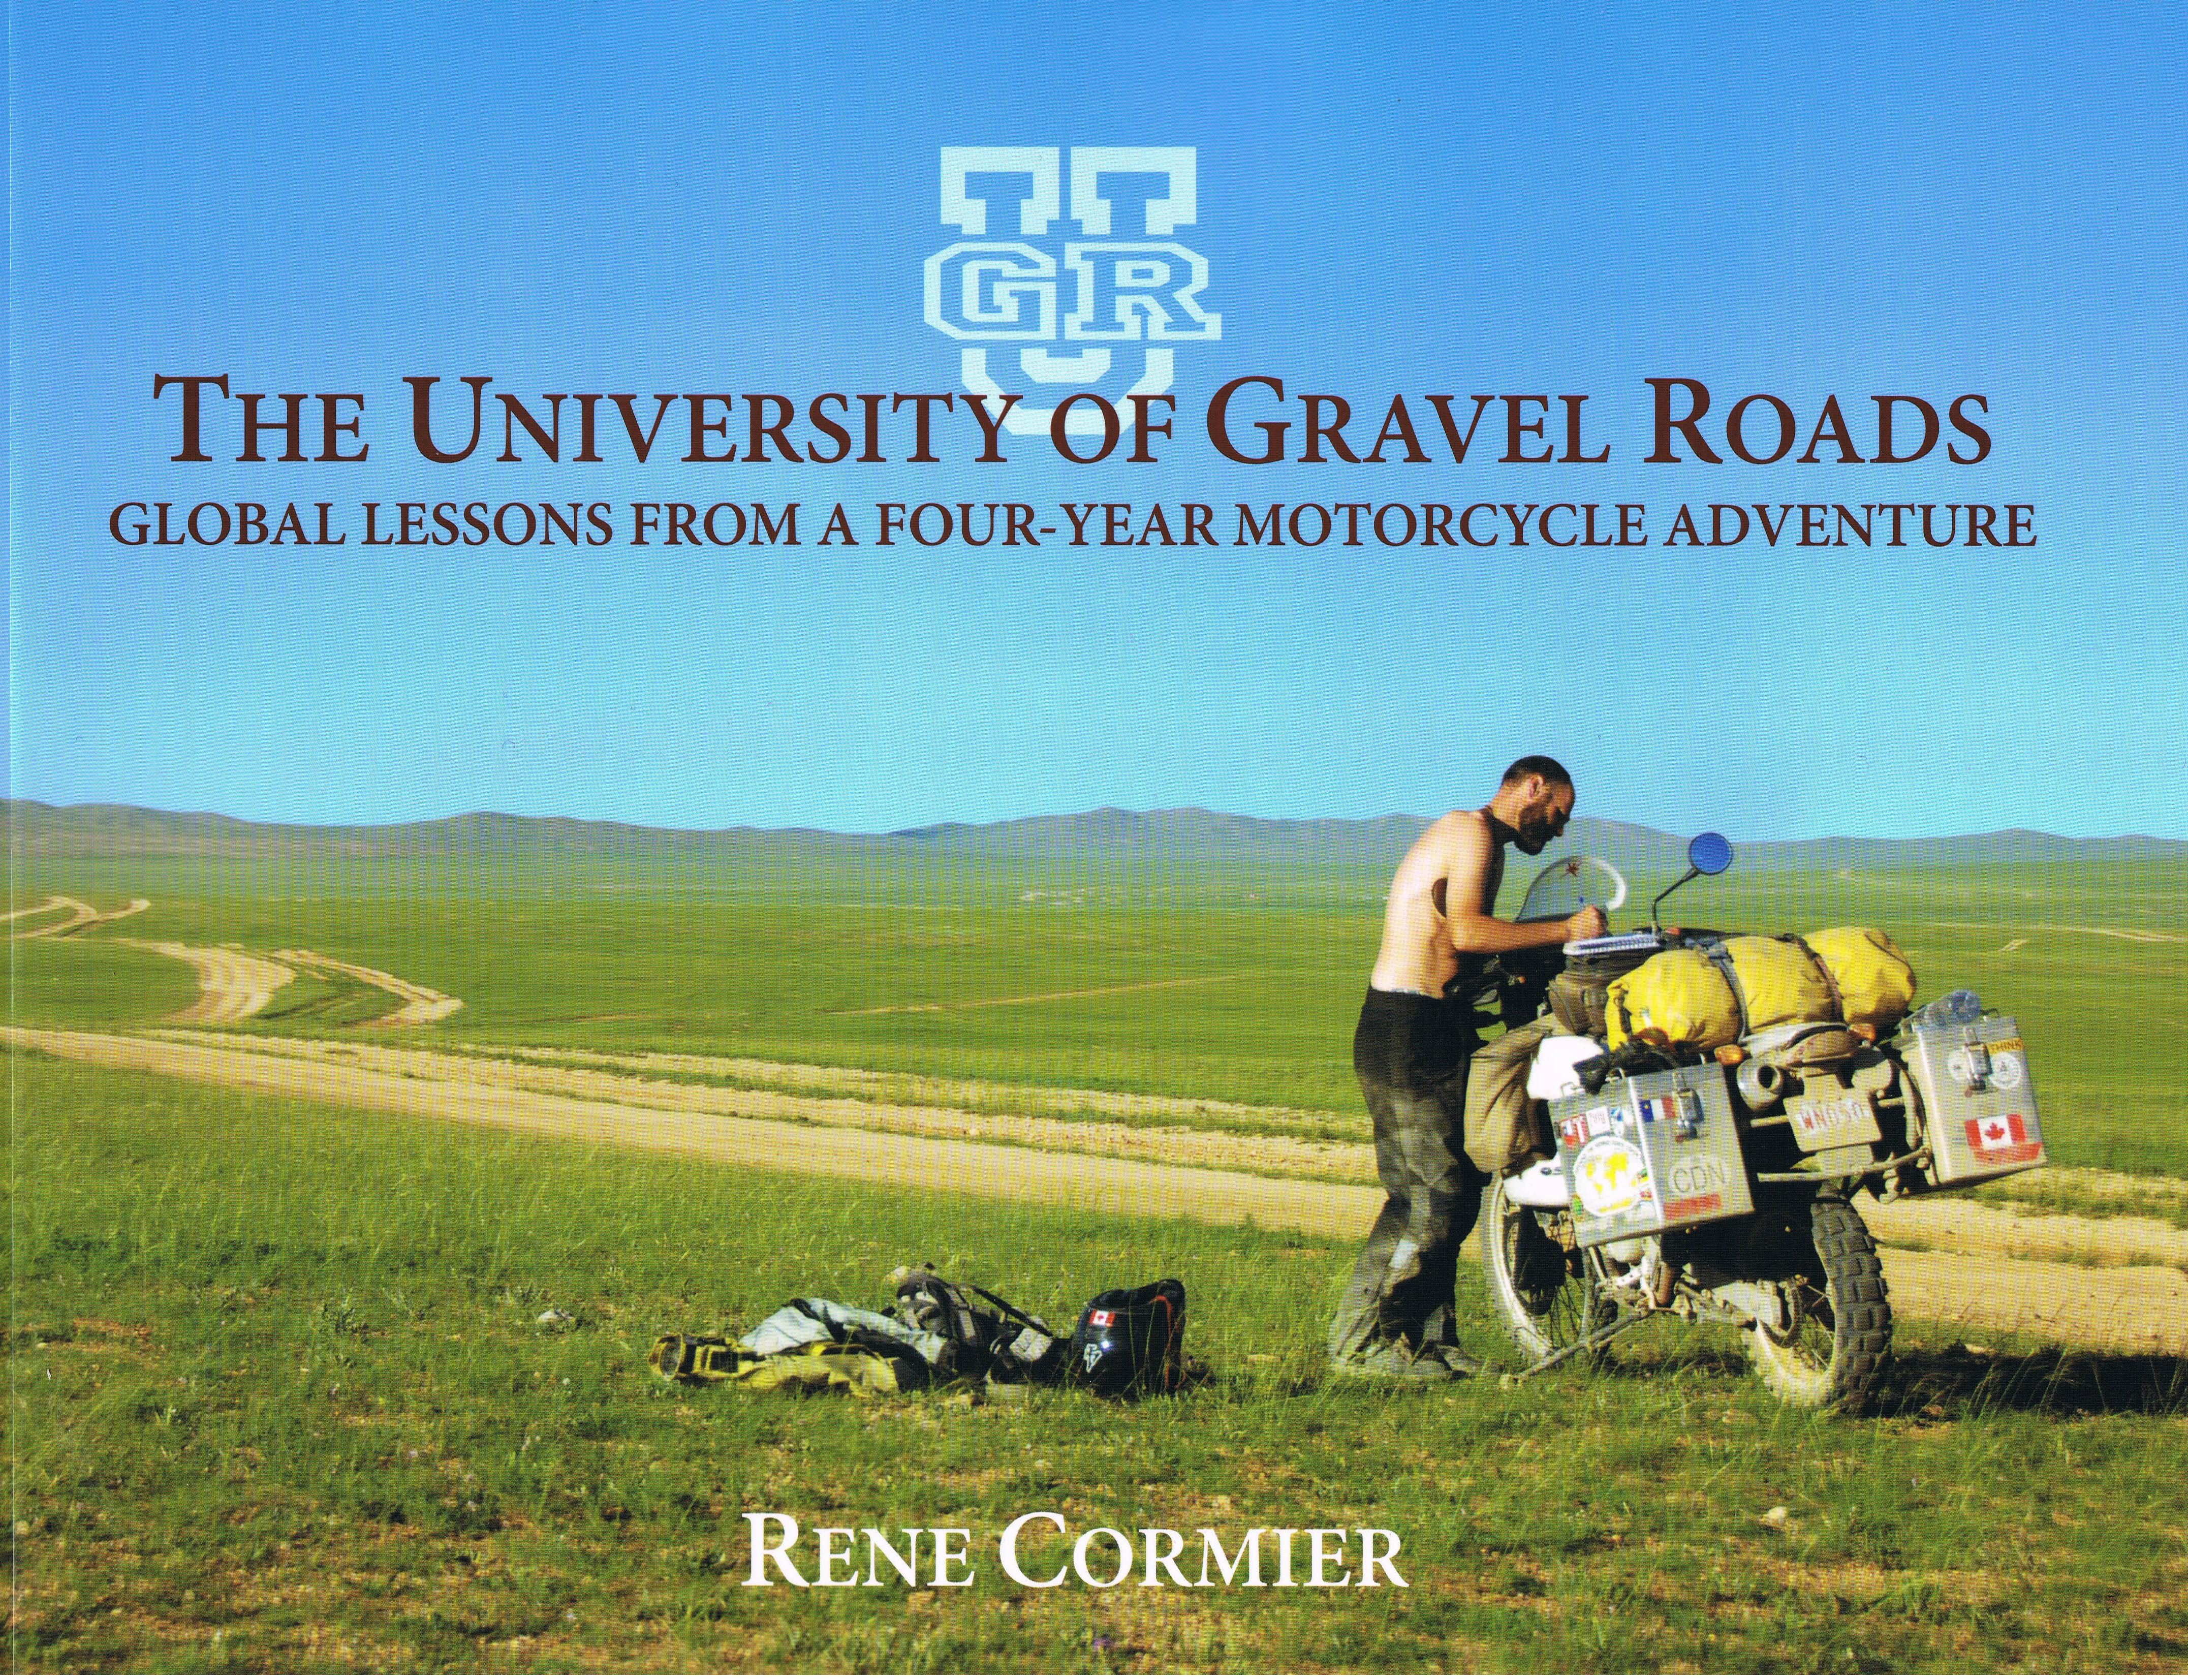 University of Gravel Roads